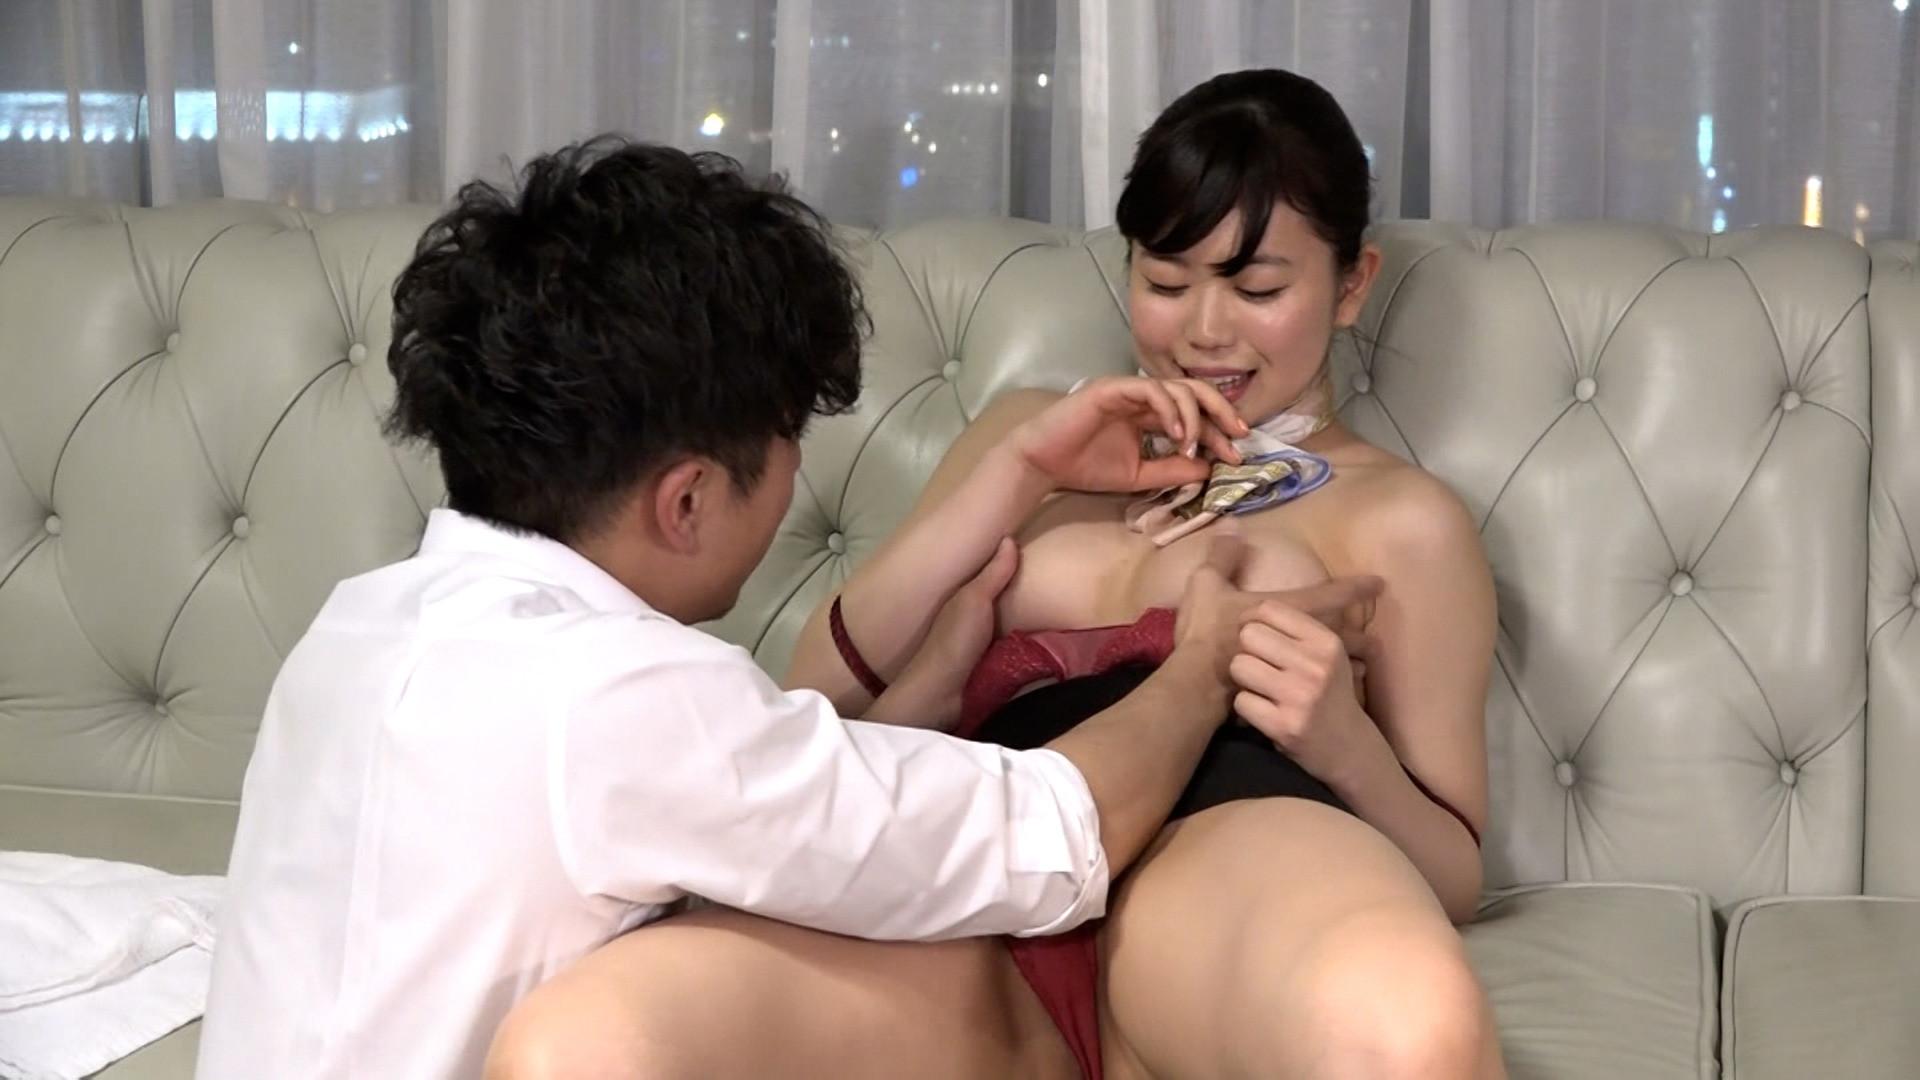 目の肥えた視聴者が選んだ!シ●ウトお姉さんたちの絶対シコりたくなるお宝エロ映像ベスト10(3)